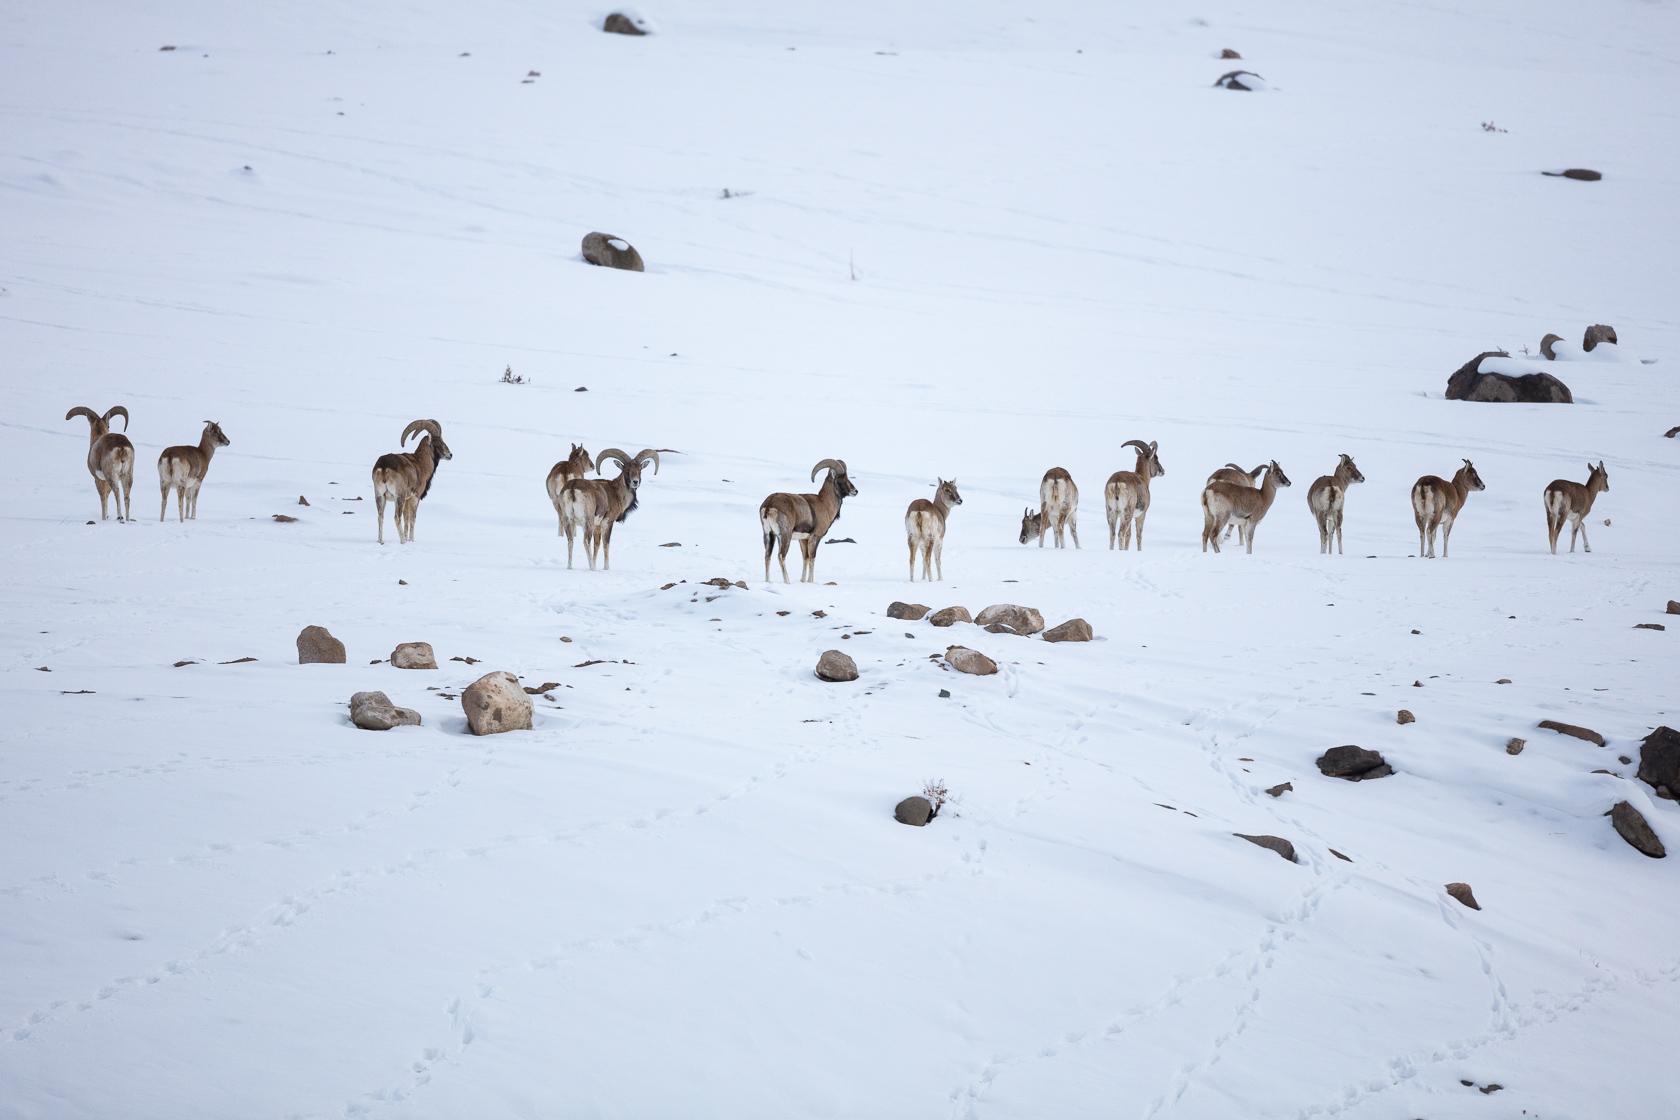 troupeau d'urials du Ladah (Ovis vignej) dans la neige, au ladakh, en Inde